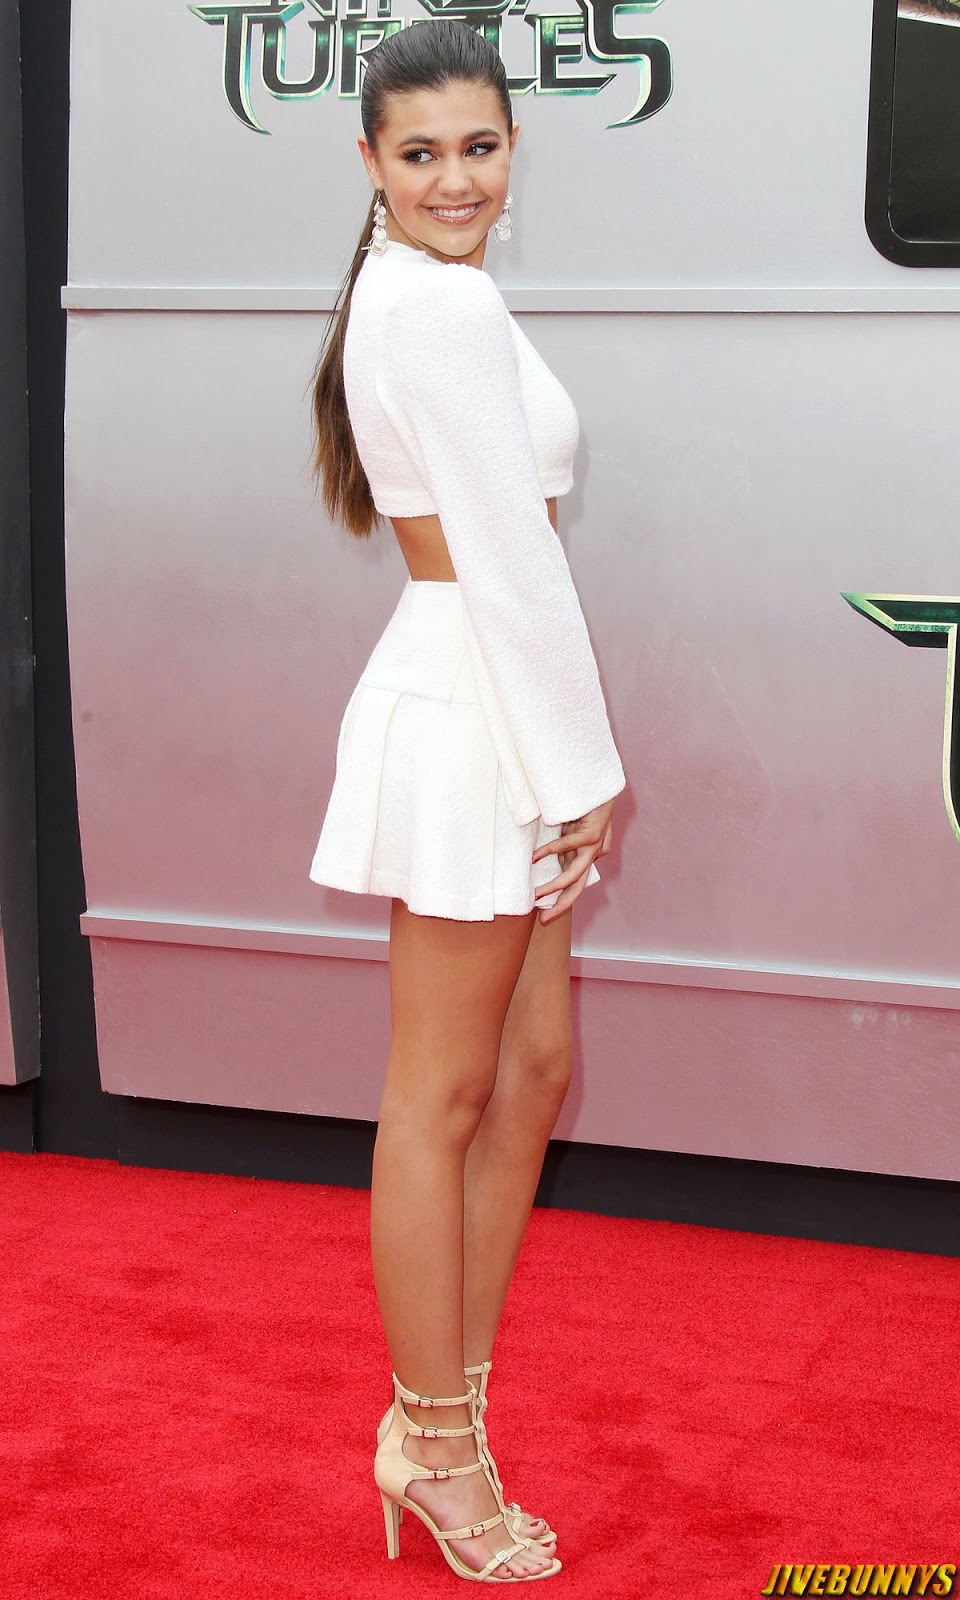 Jivebunnys Female Cele... Beyonce Knowles